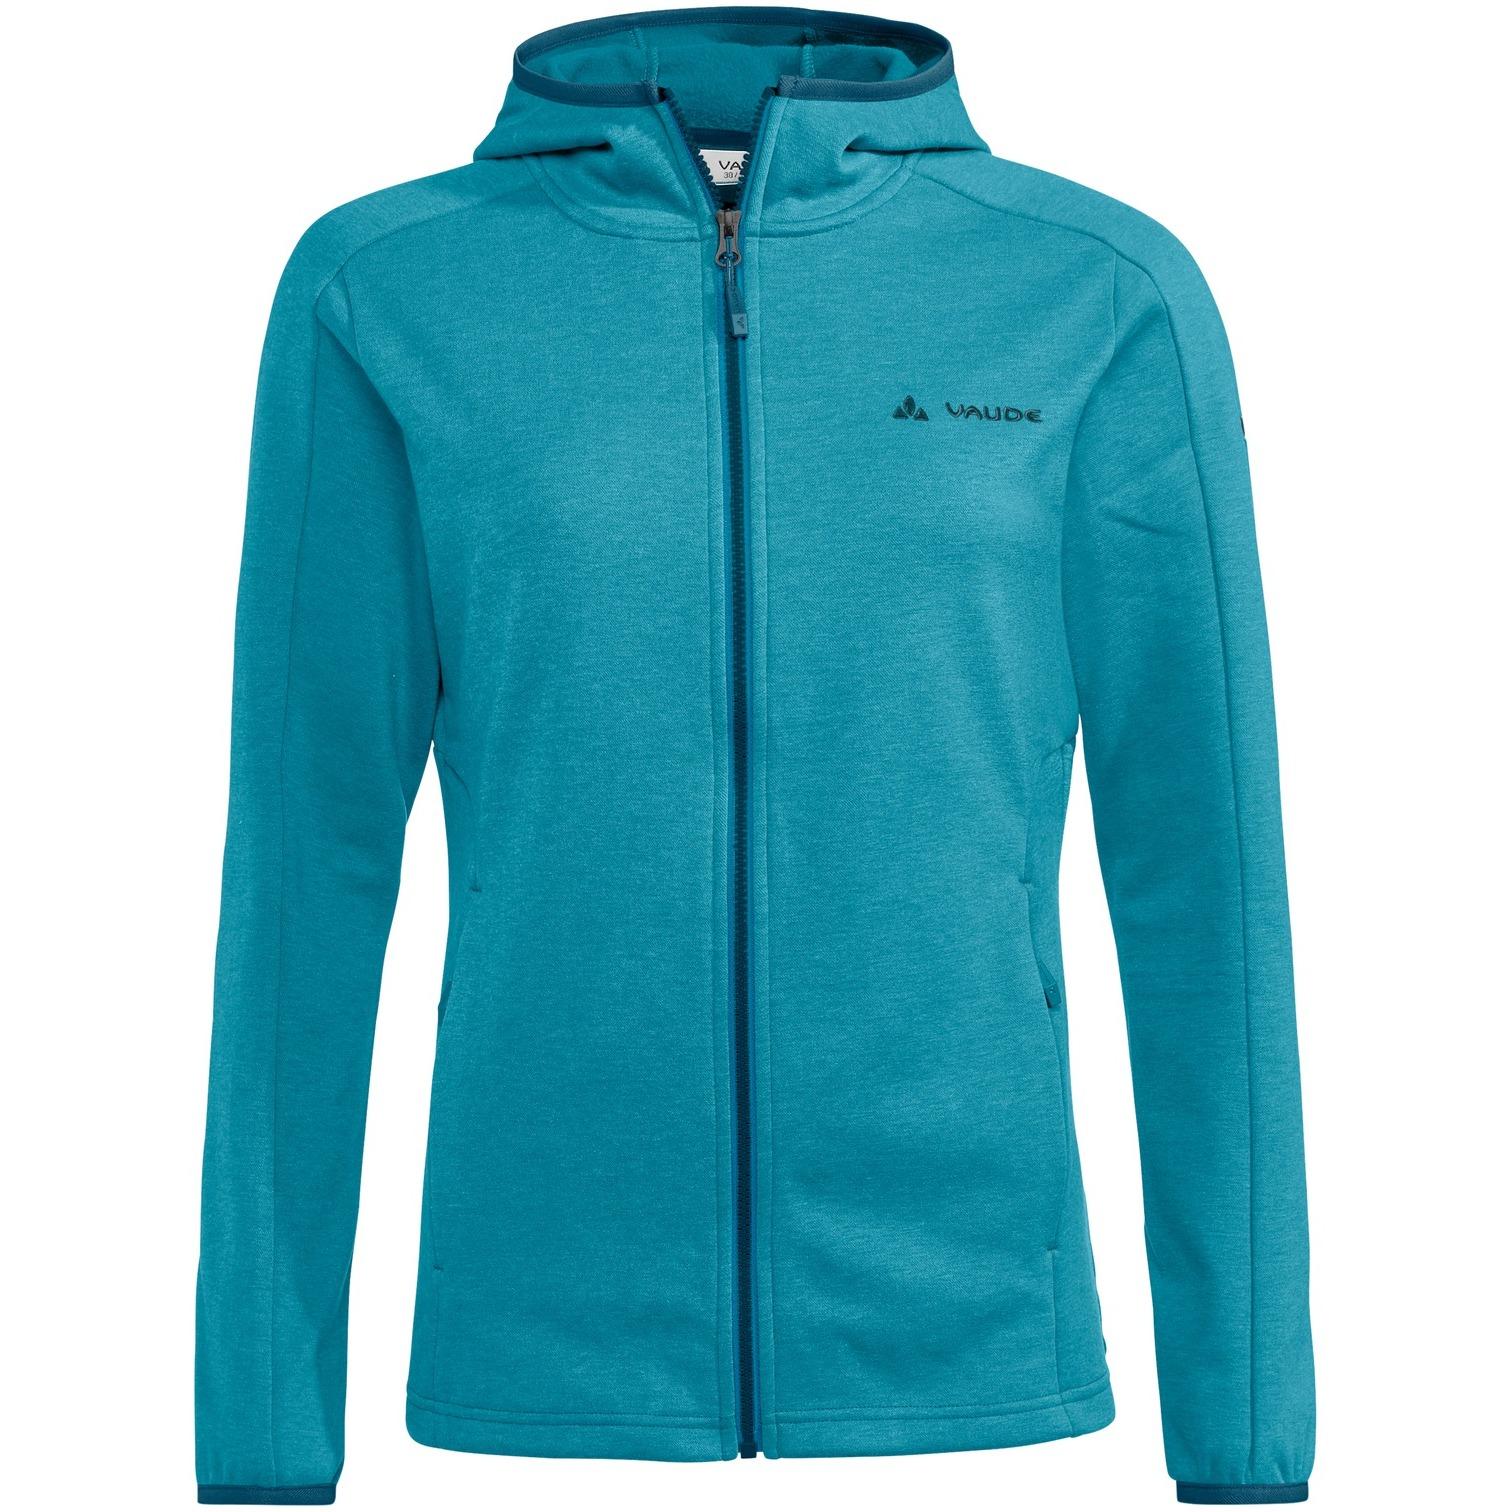 Vaude Women's Moena Fleece Jacket - arctic blue